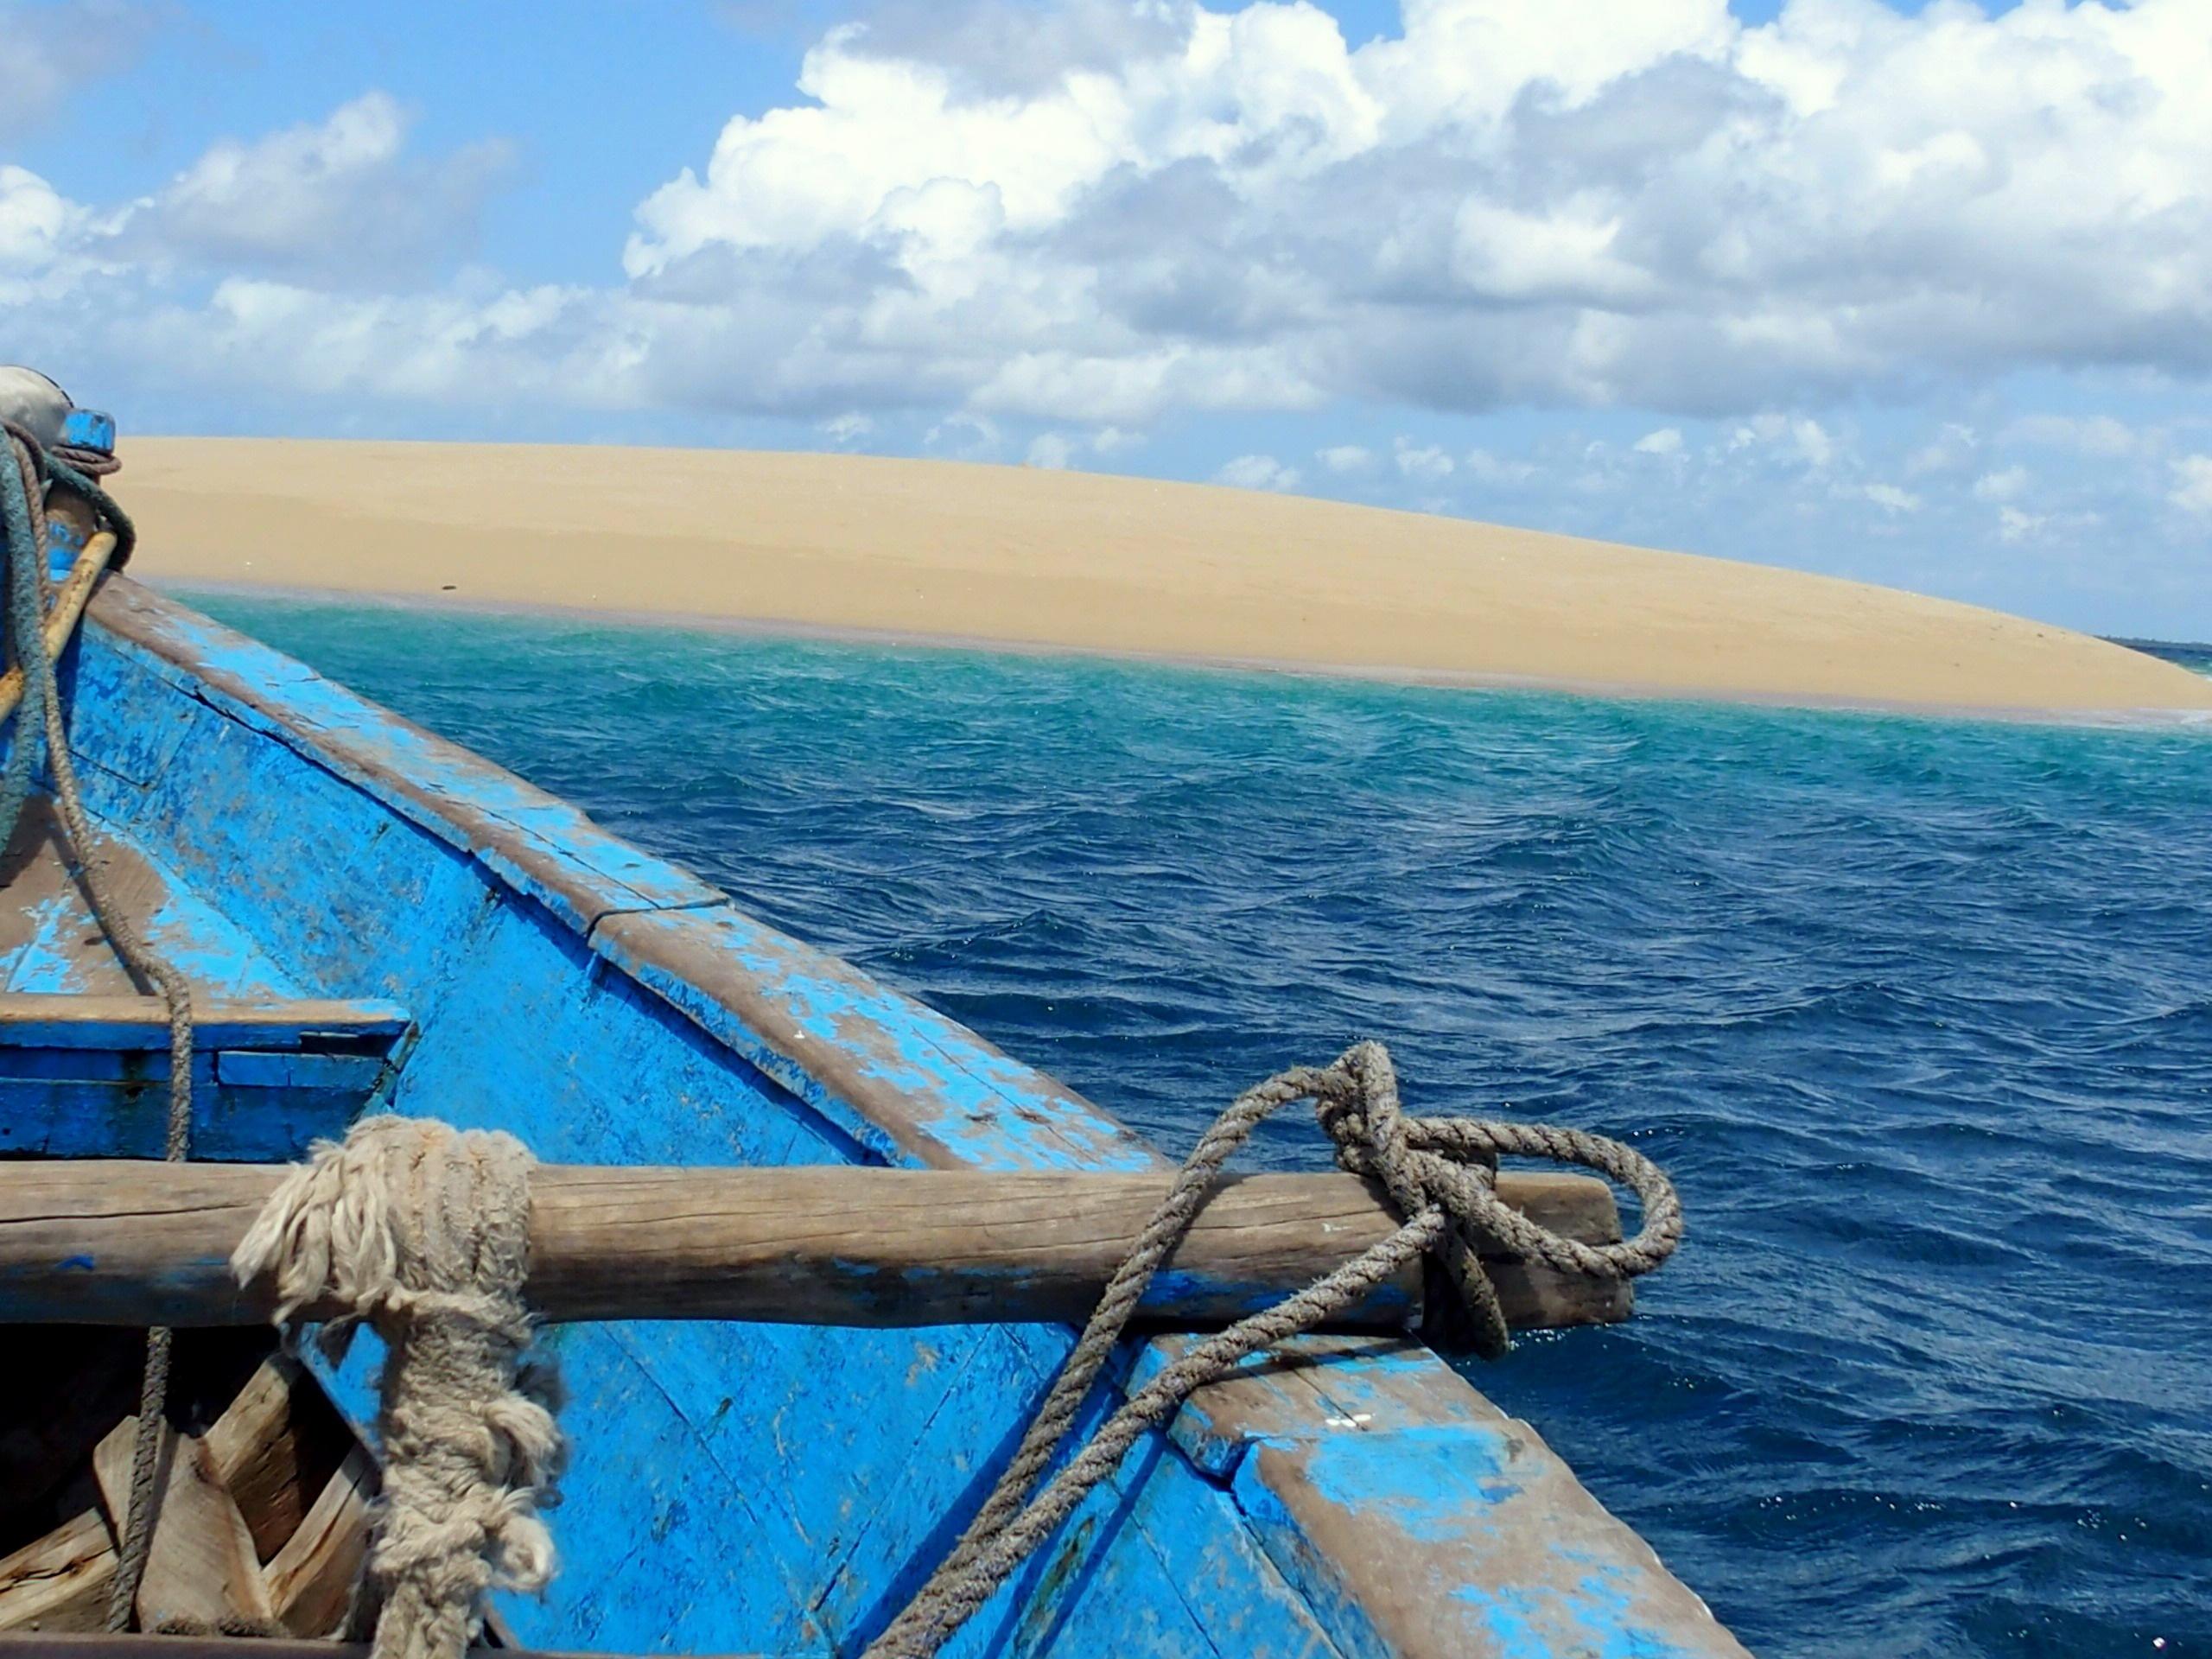 Arrivée sur le sand bank en dhow Mozambique